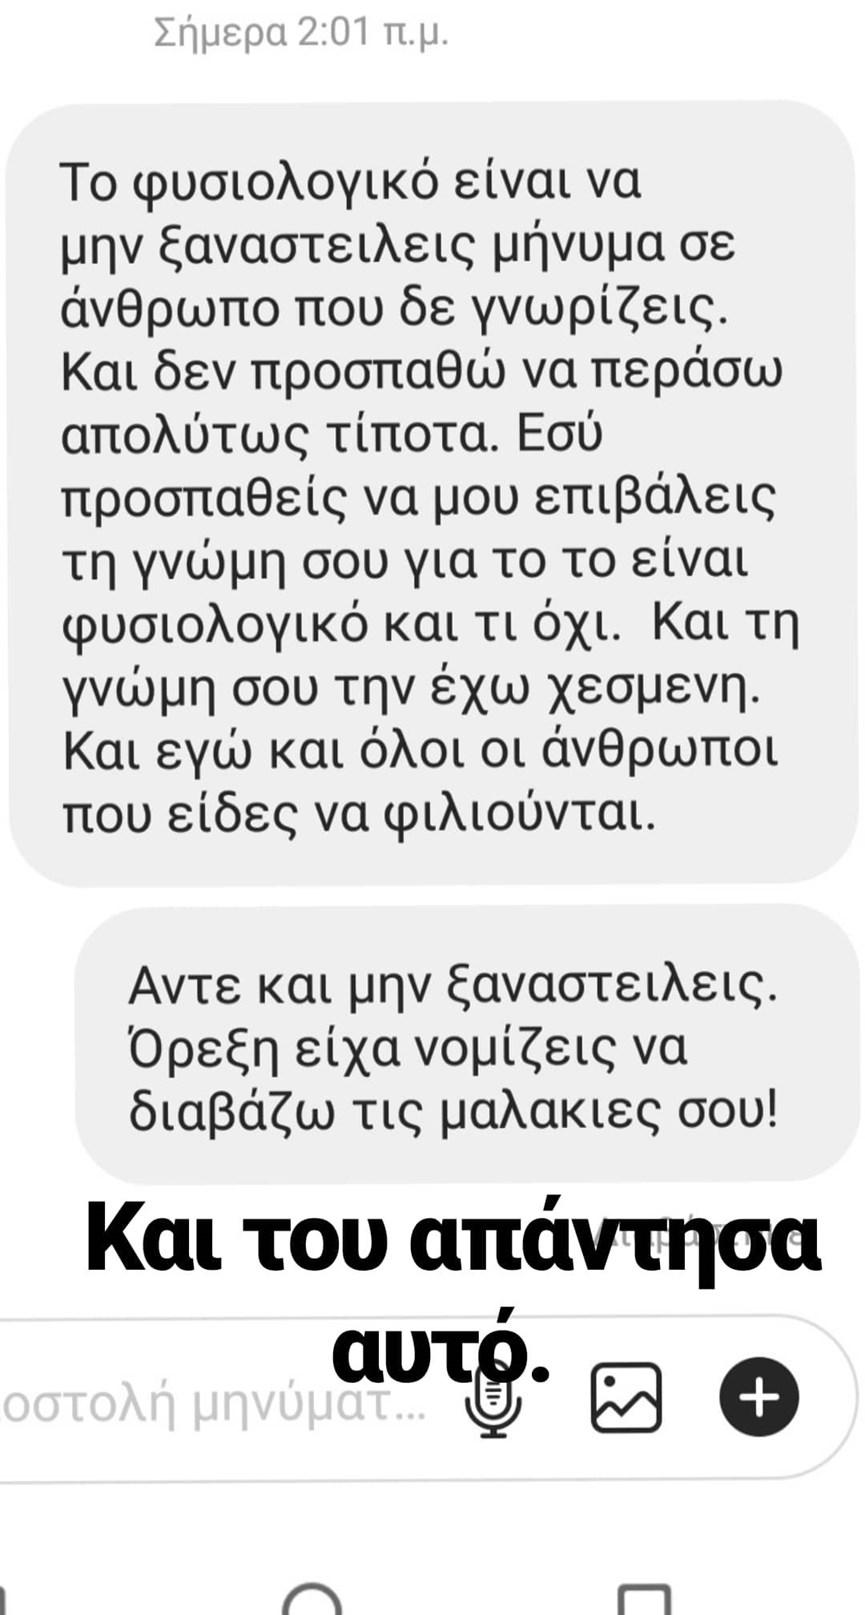 Έξαλλος ο Γιώργος Καπουτζίδης με follower που σχολίασε τα φιλιά στη Eurovision – News.gr